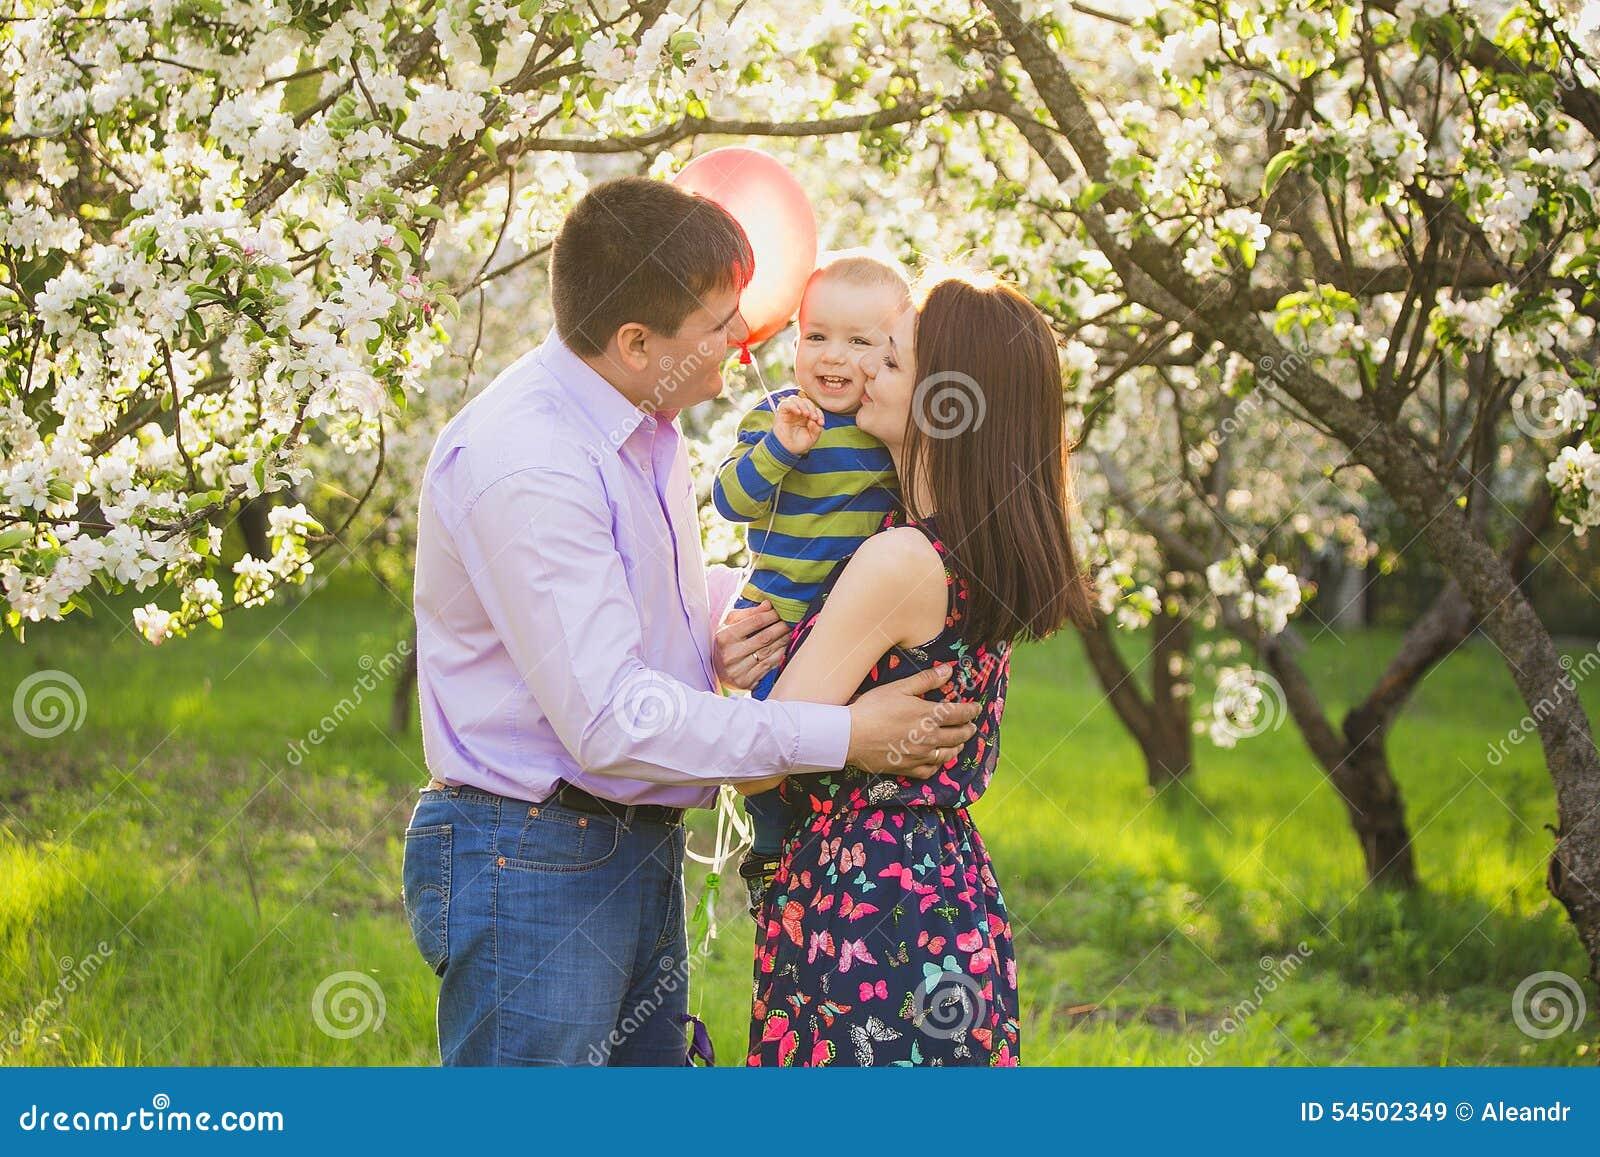 οικογενειακό ευτυχές & πατέρας, μητέρα, αγκάλιασμα παιδιών και φιλί